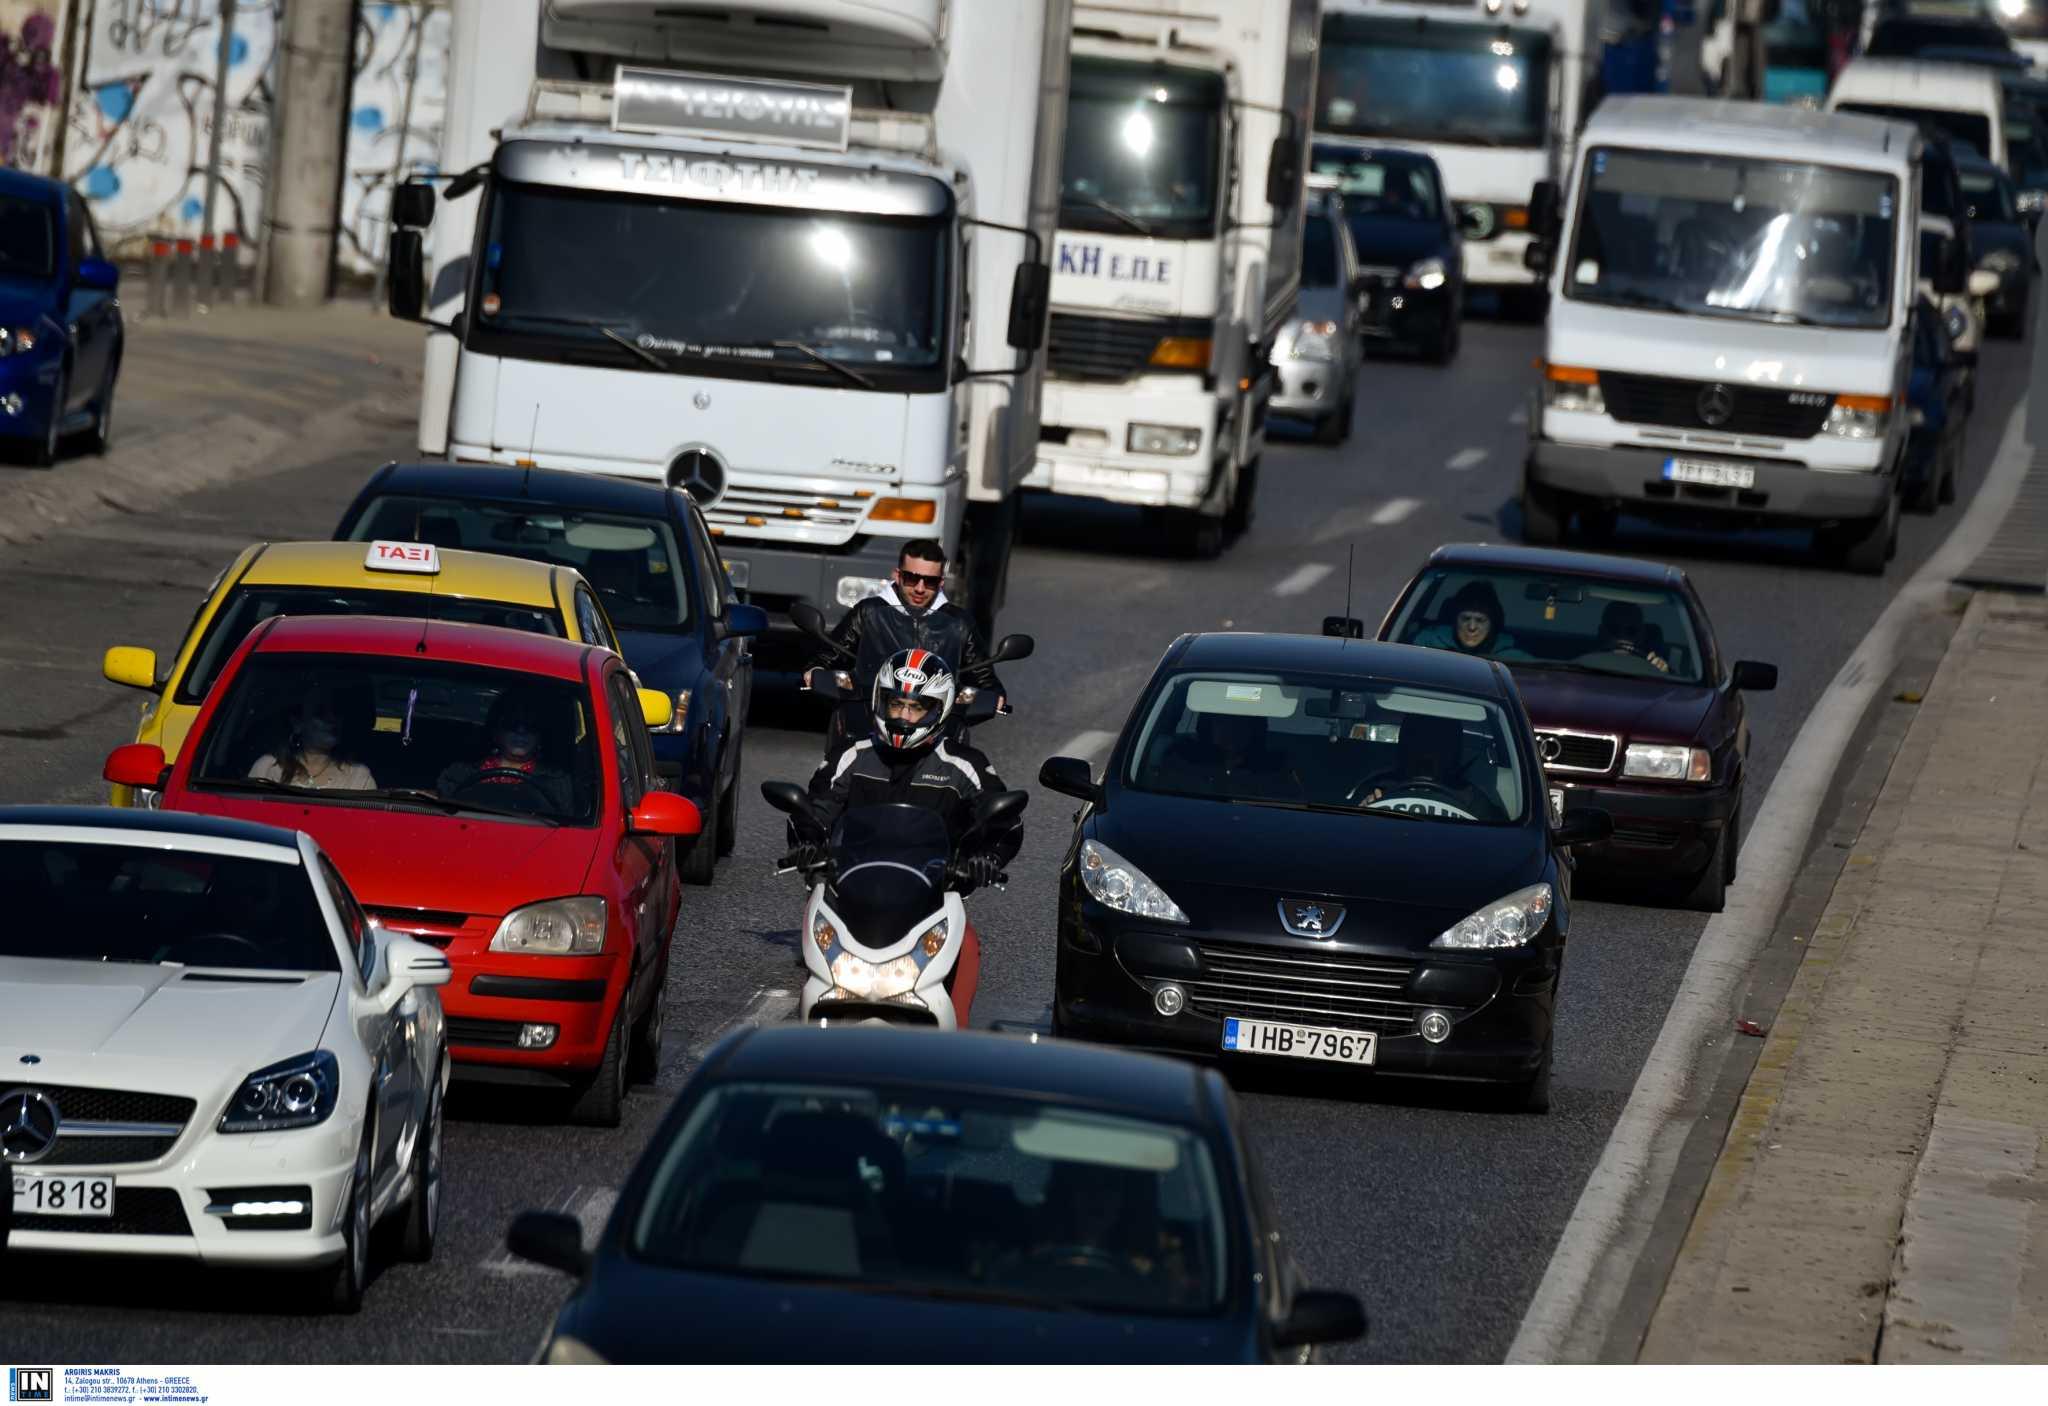 Ξεπέρασαν τις 210.000 οι προσωρινές άδειες οδήγησης μέσω του gov.gr – Έρχεται ψηφιοποίηση της διαδικασίας